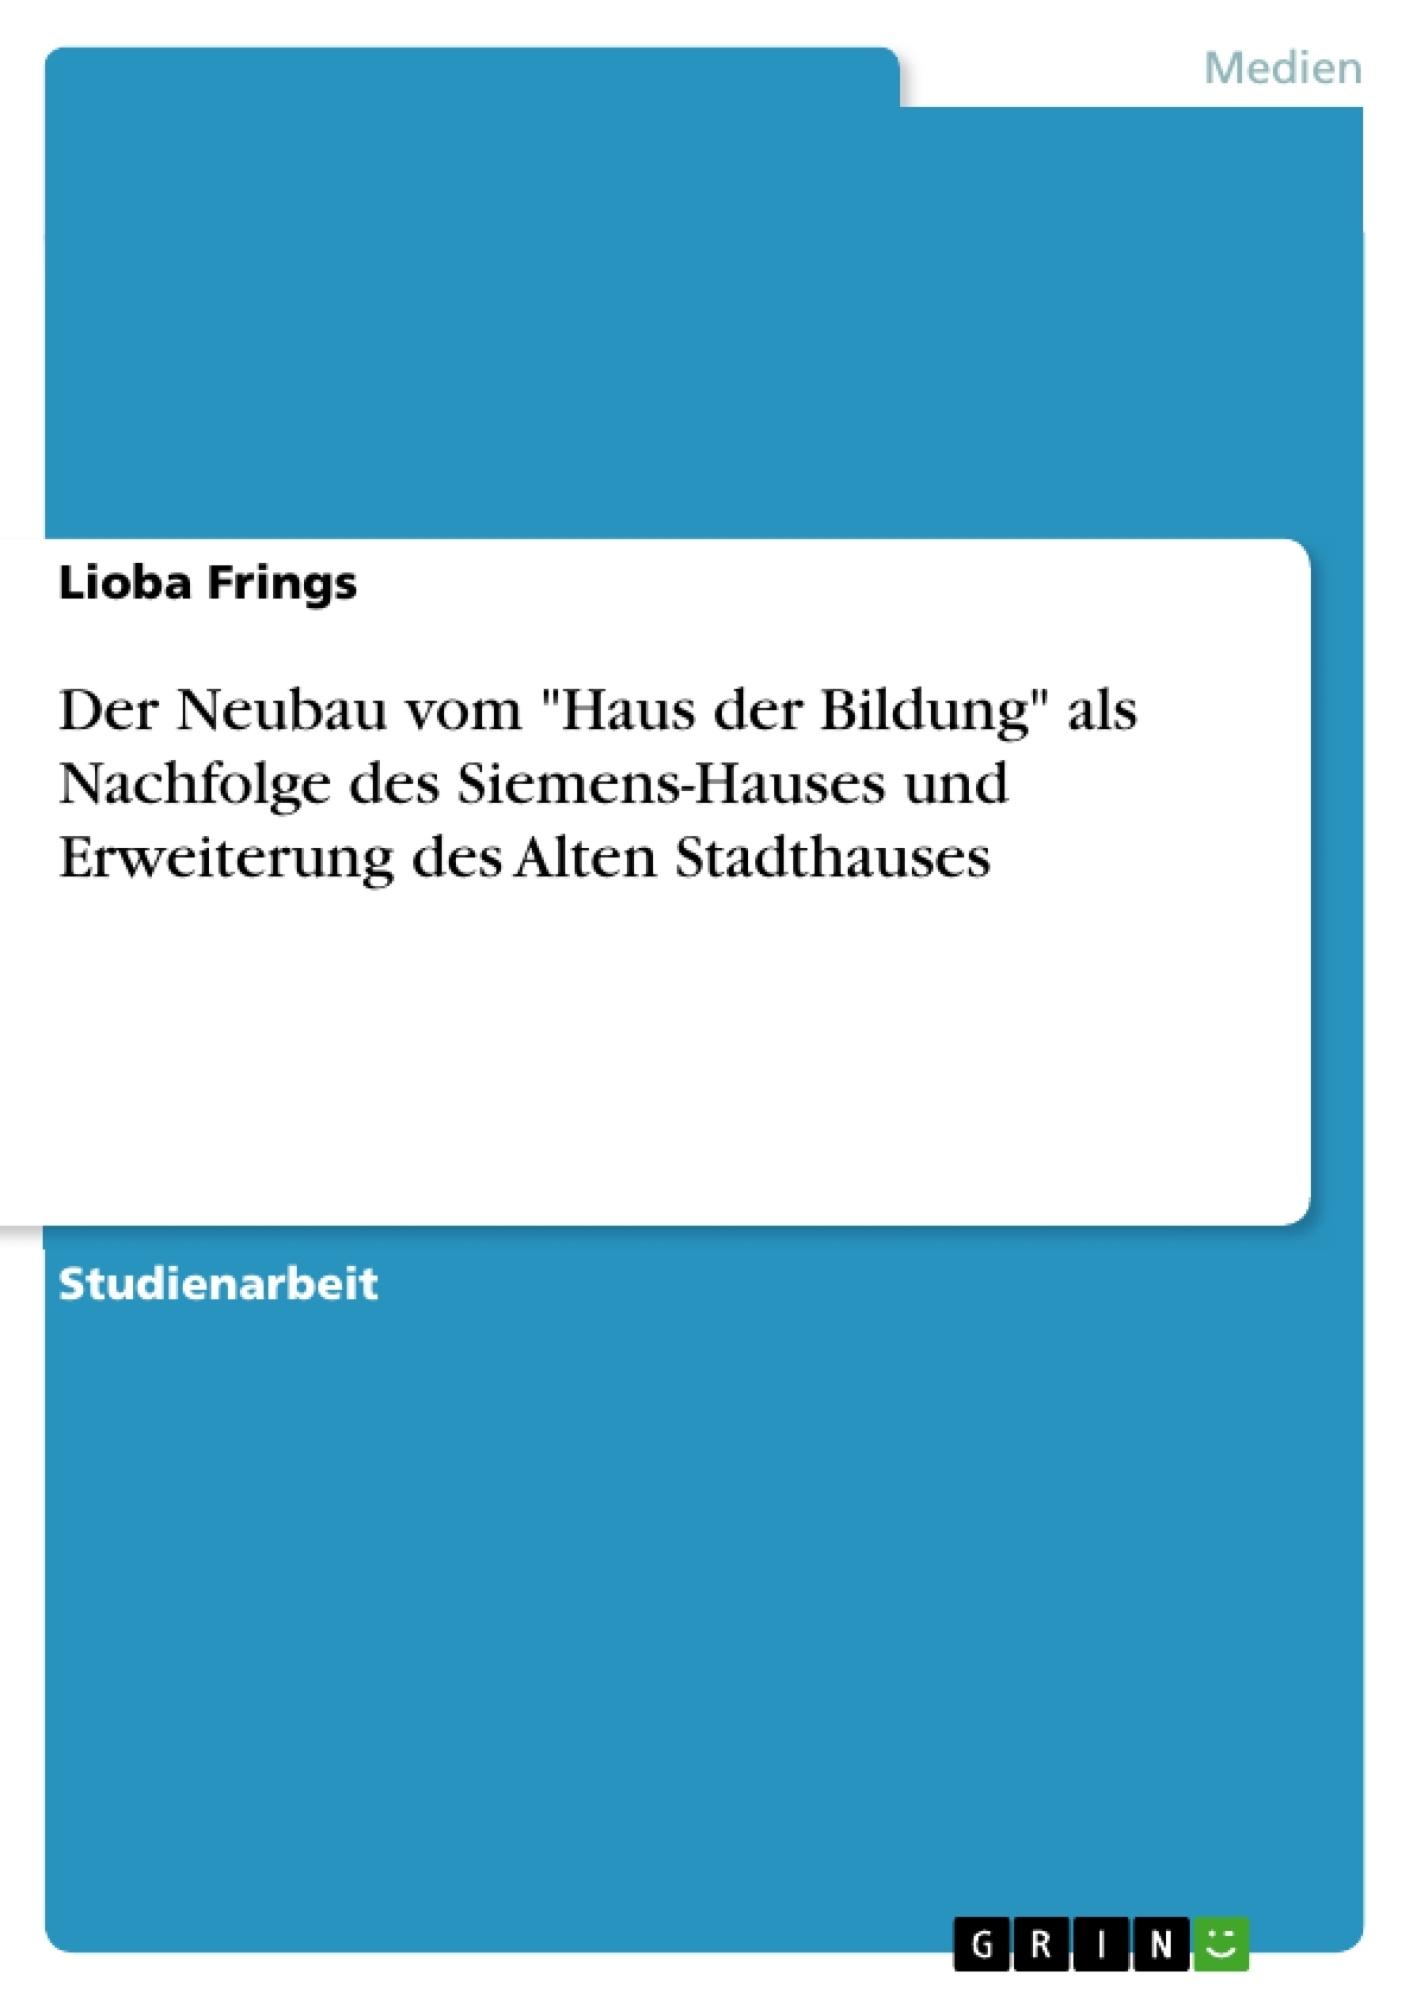 """Titel: Der Neubau vom """"Haus der Bildung"""" als Nachfolge des Siemens-Hauses und Erweiterung des Alten Stadthauses"""